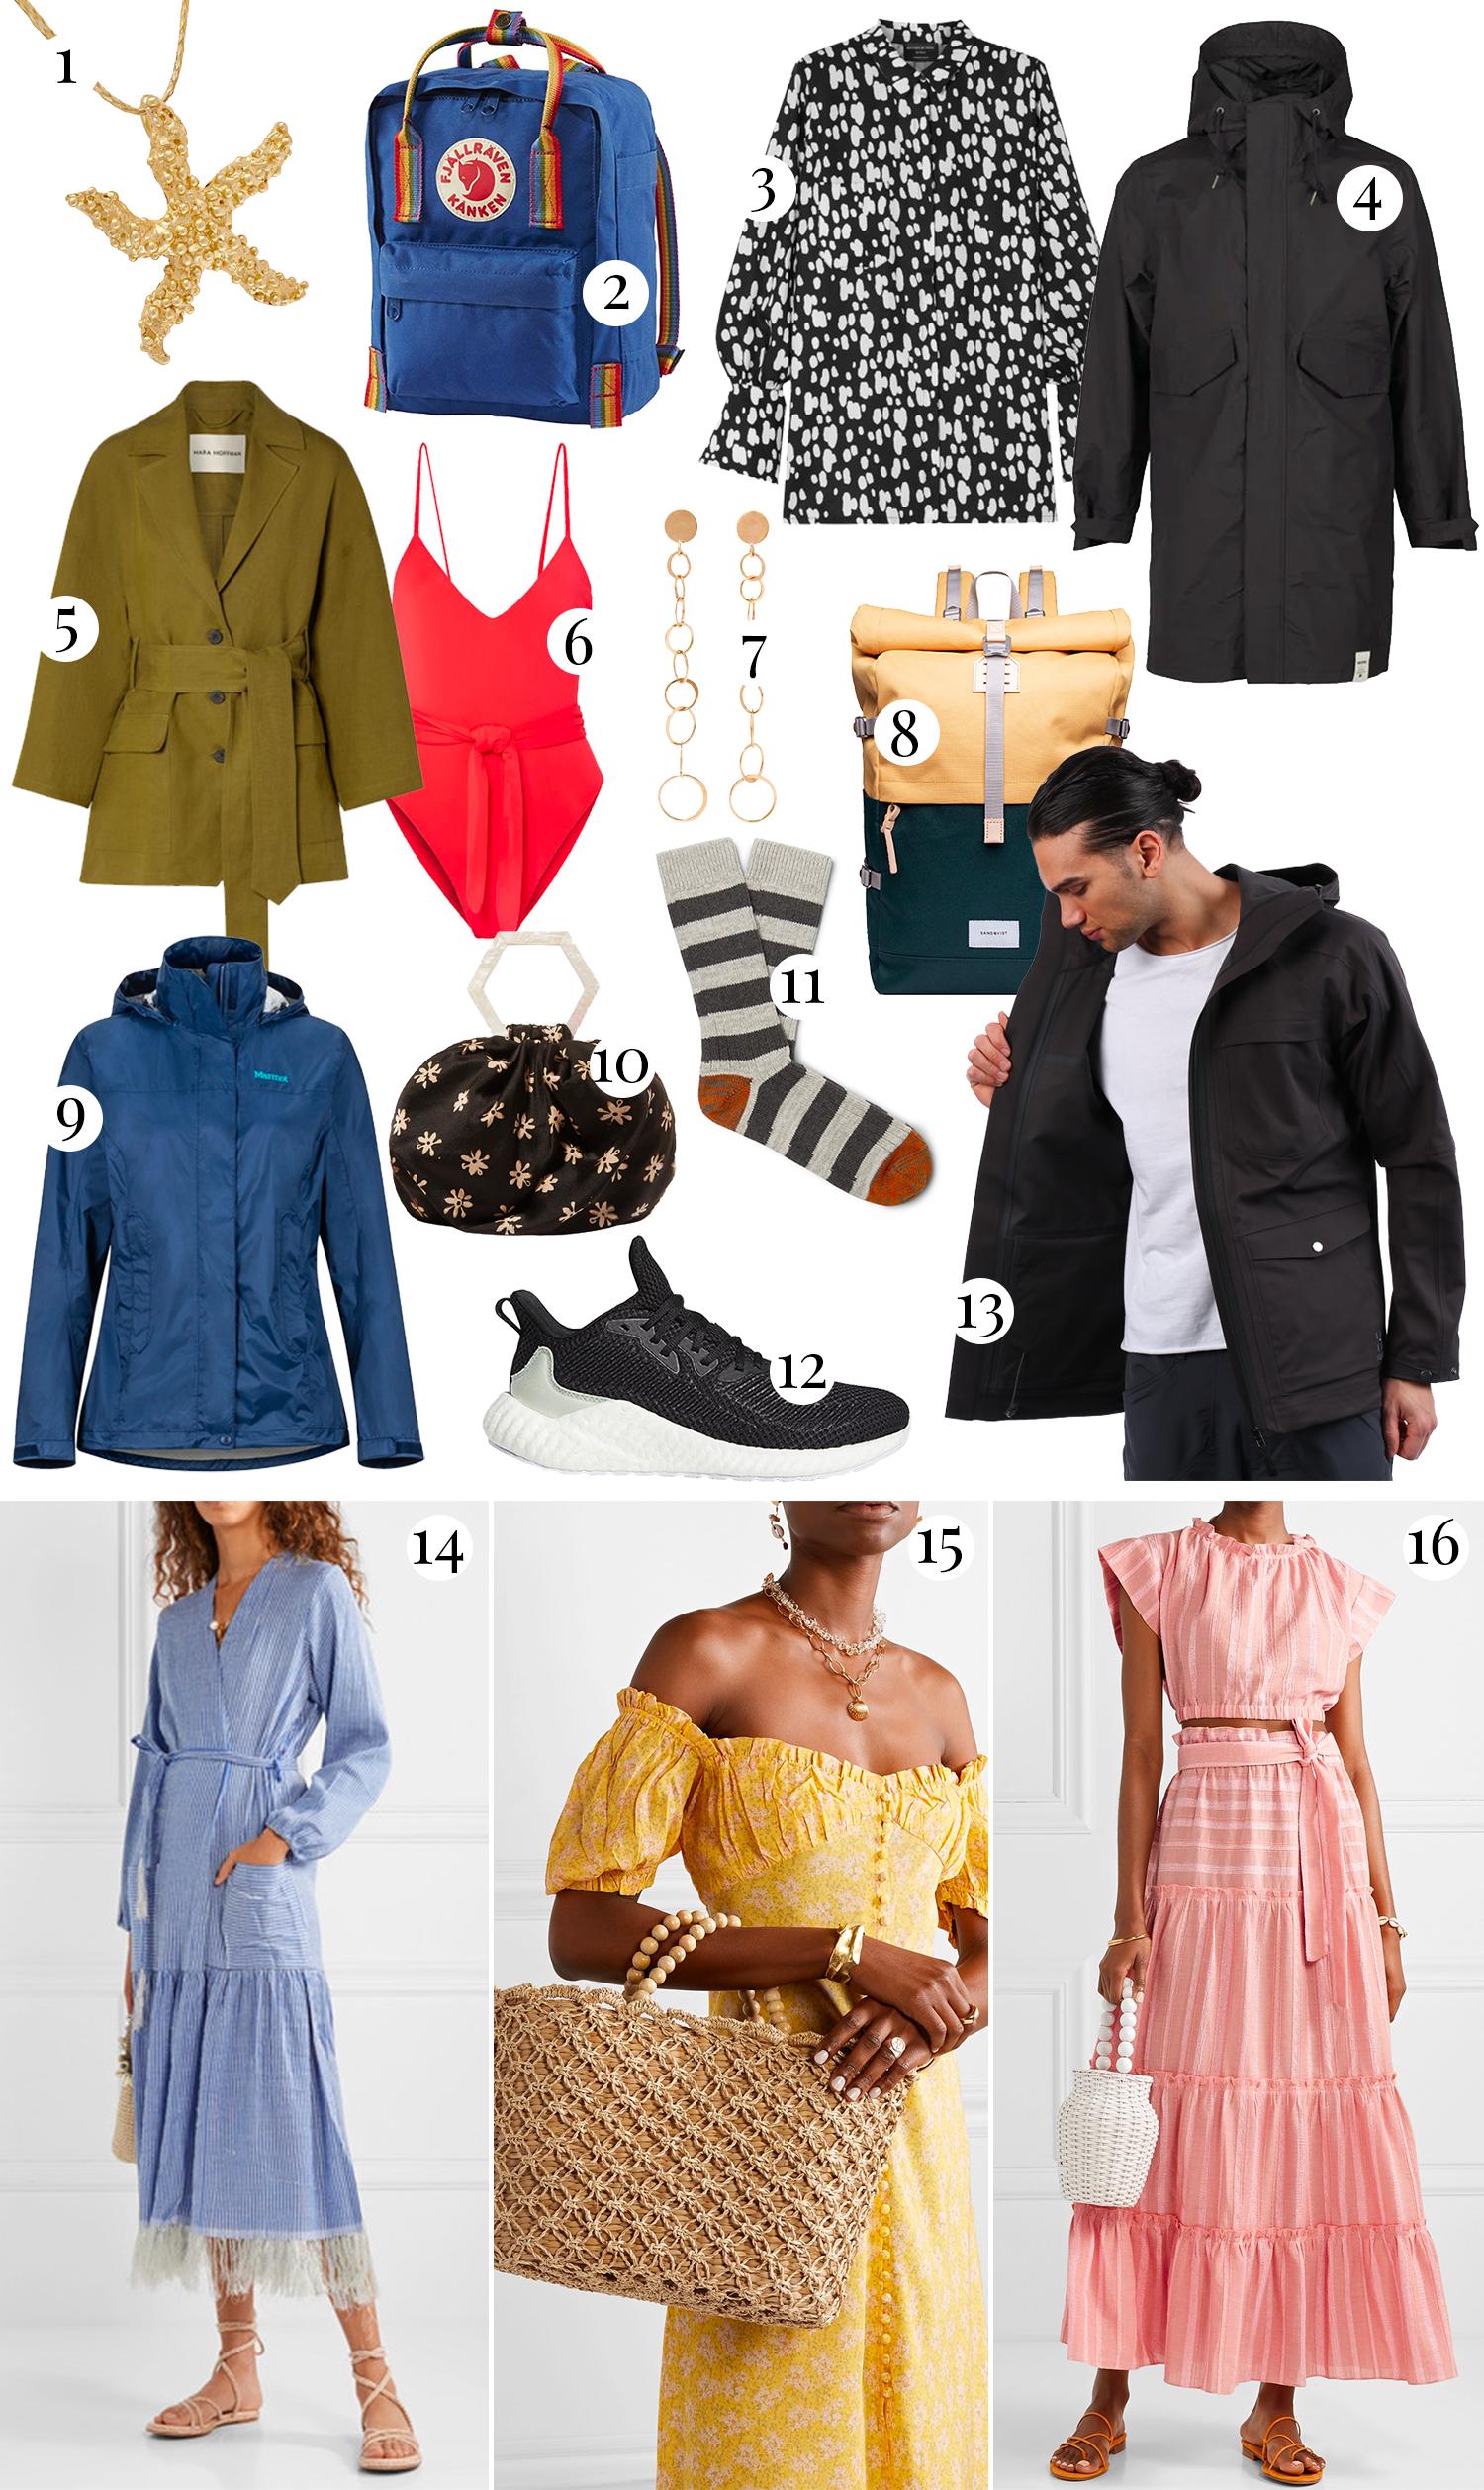 Hållbart mode |Tips på hållbara julklappar & presenter